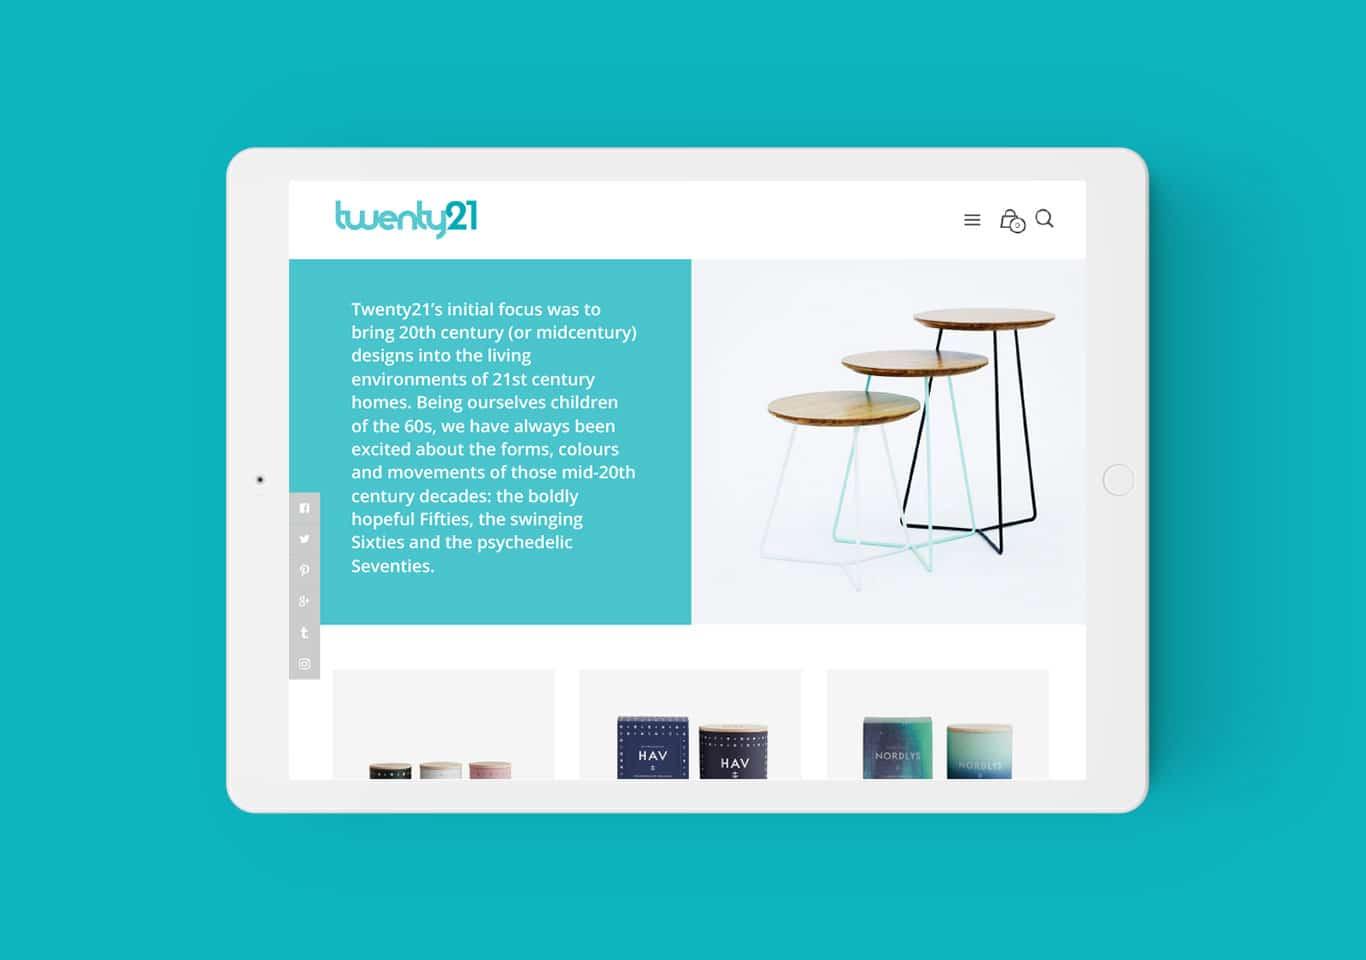 Twenty21 responsive website design on iPad in landscape view